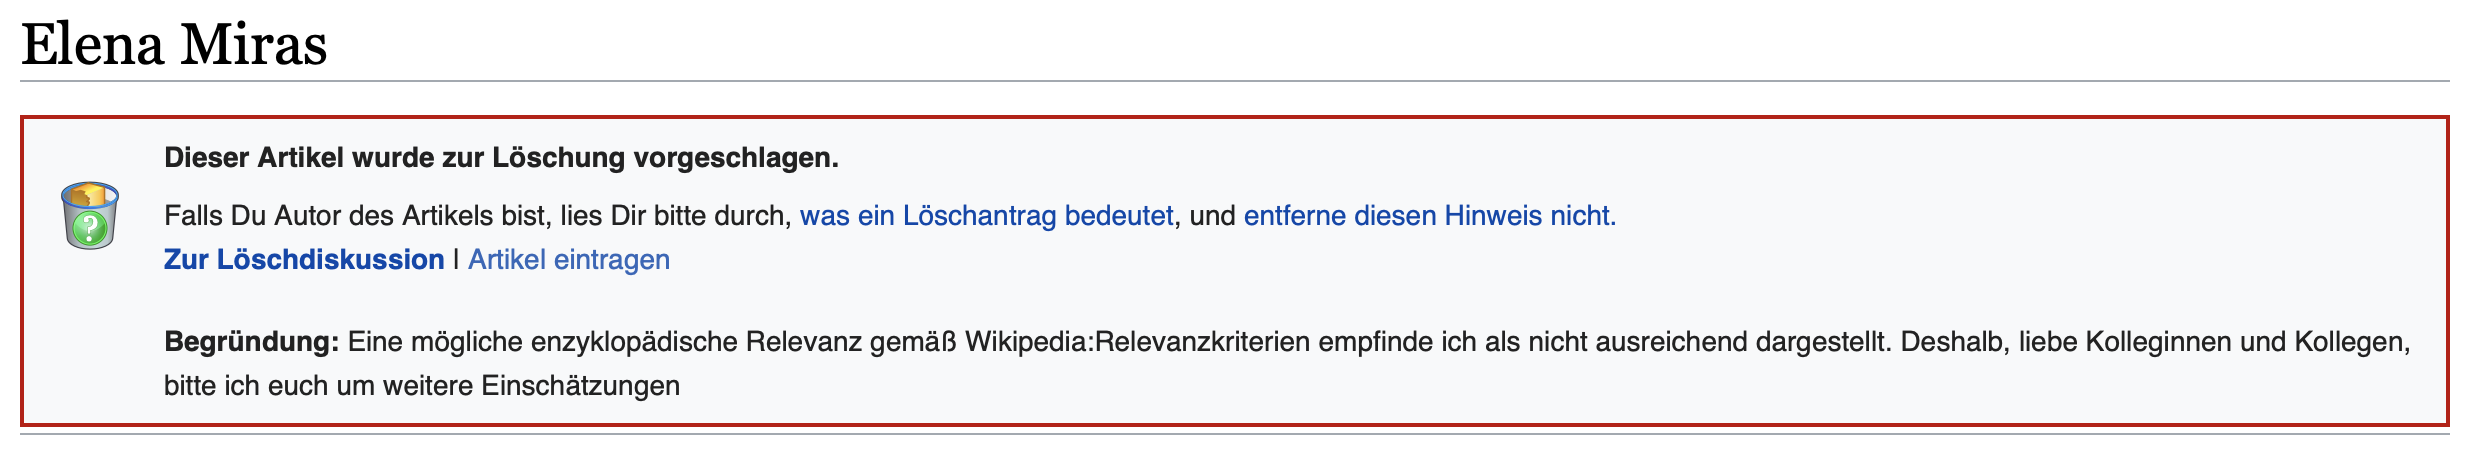 """""""Dieser Artikel wurde zur Löschung vorgeschlagen."""" Alles, was man zu Elena Miras wissen muss; Foto: Screenshot Wikipedia.de"""